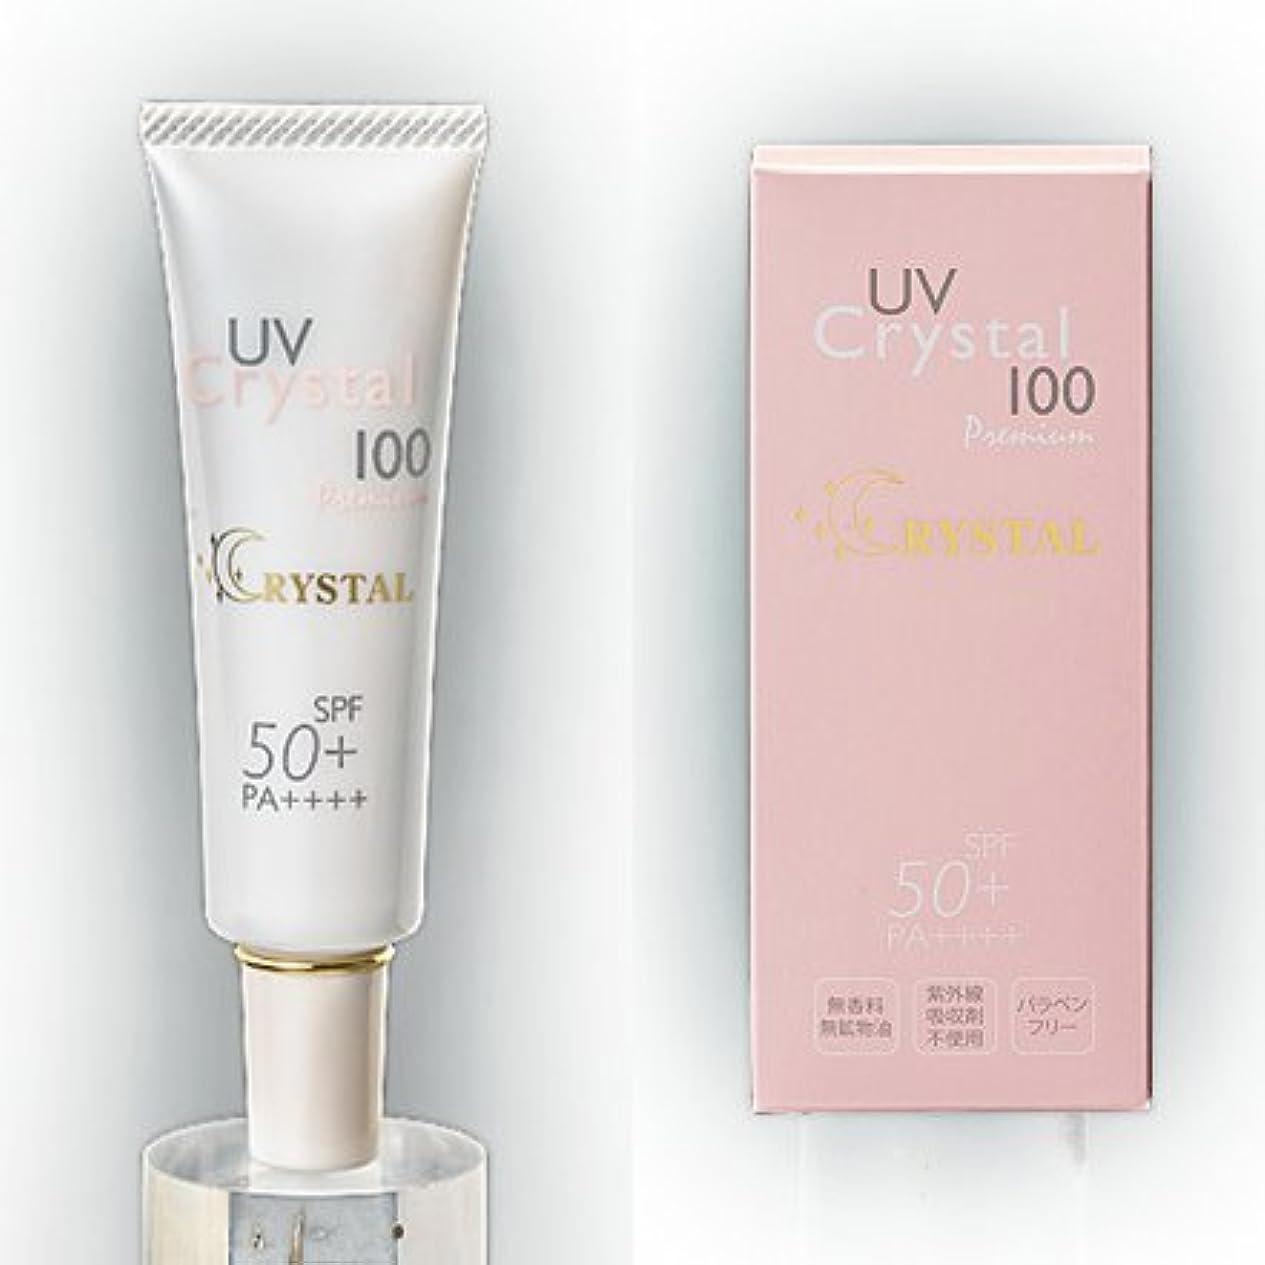 下に向けますバッフル導体UVクリスタル100 プレミアム30g 日焼け止めクリーム 日焼け止め 敏感肌 UVクリーム